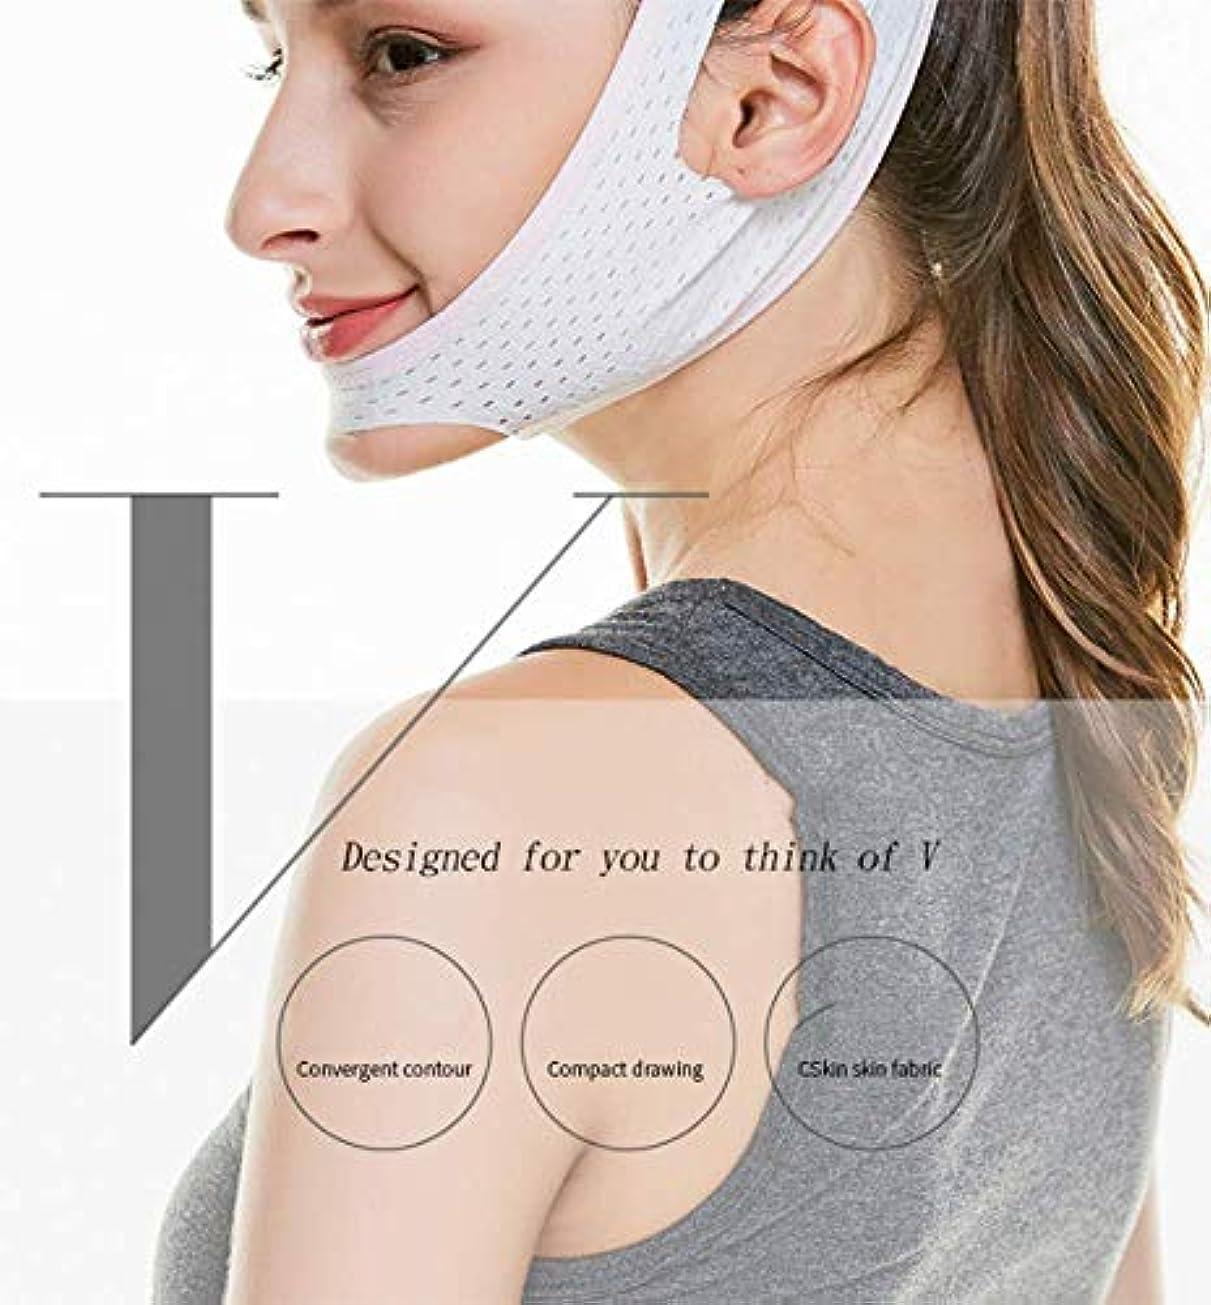 三見える許容Nfudishpu強力なフェイスリフト包帯リフティング浮腫ダブルあご引き締め肌美容V顔改善リラクゼーションアライナー通気性弾性調整可能